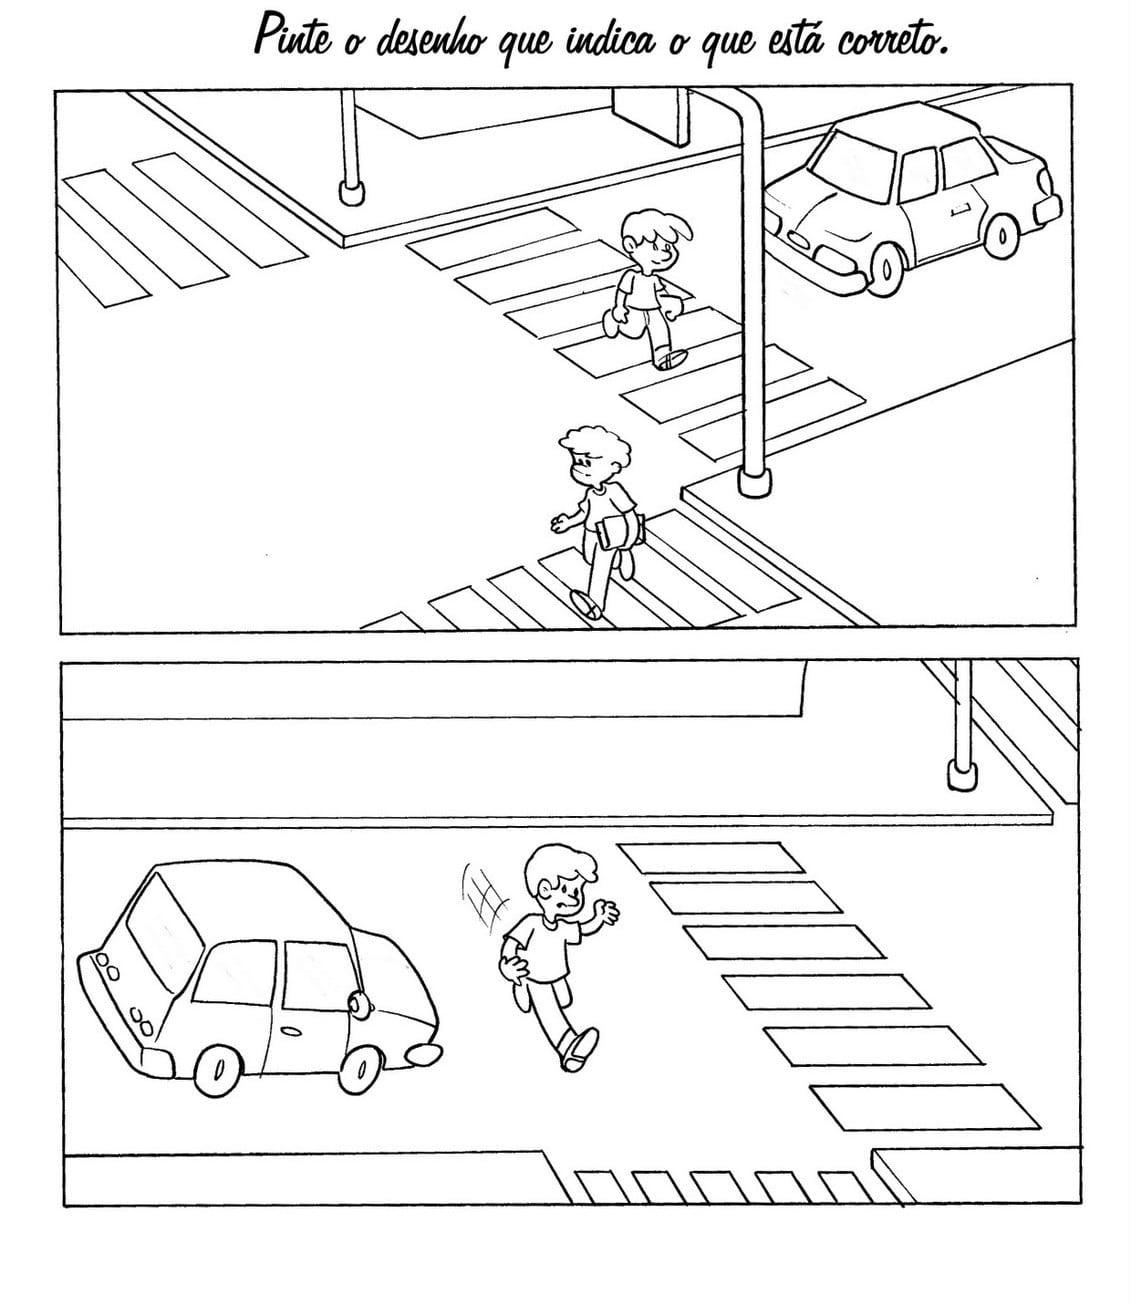 Desenho De Sinais De Trânsito Para Pedestre Para Colorir